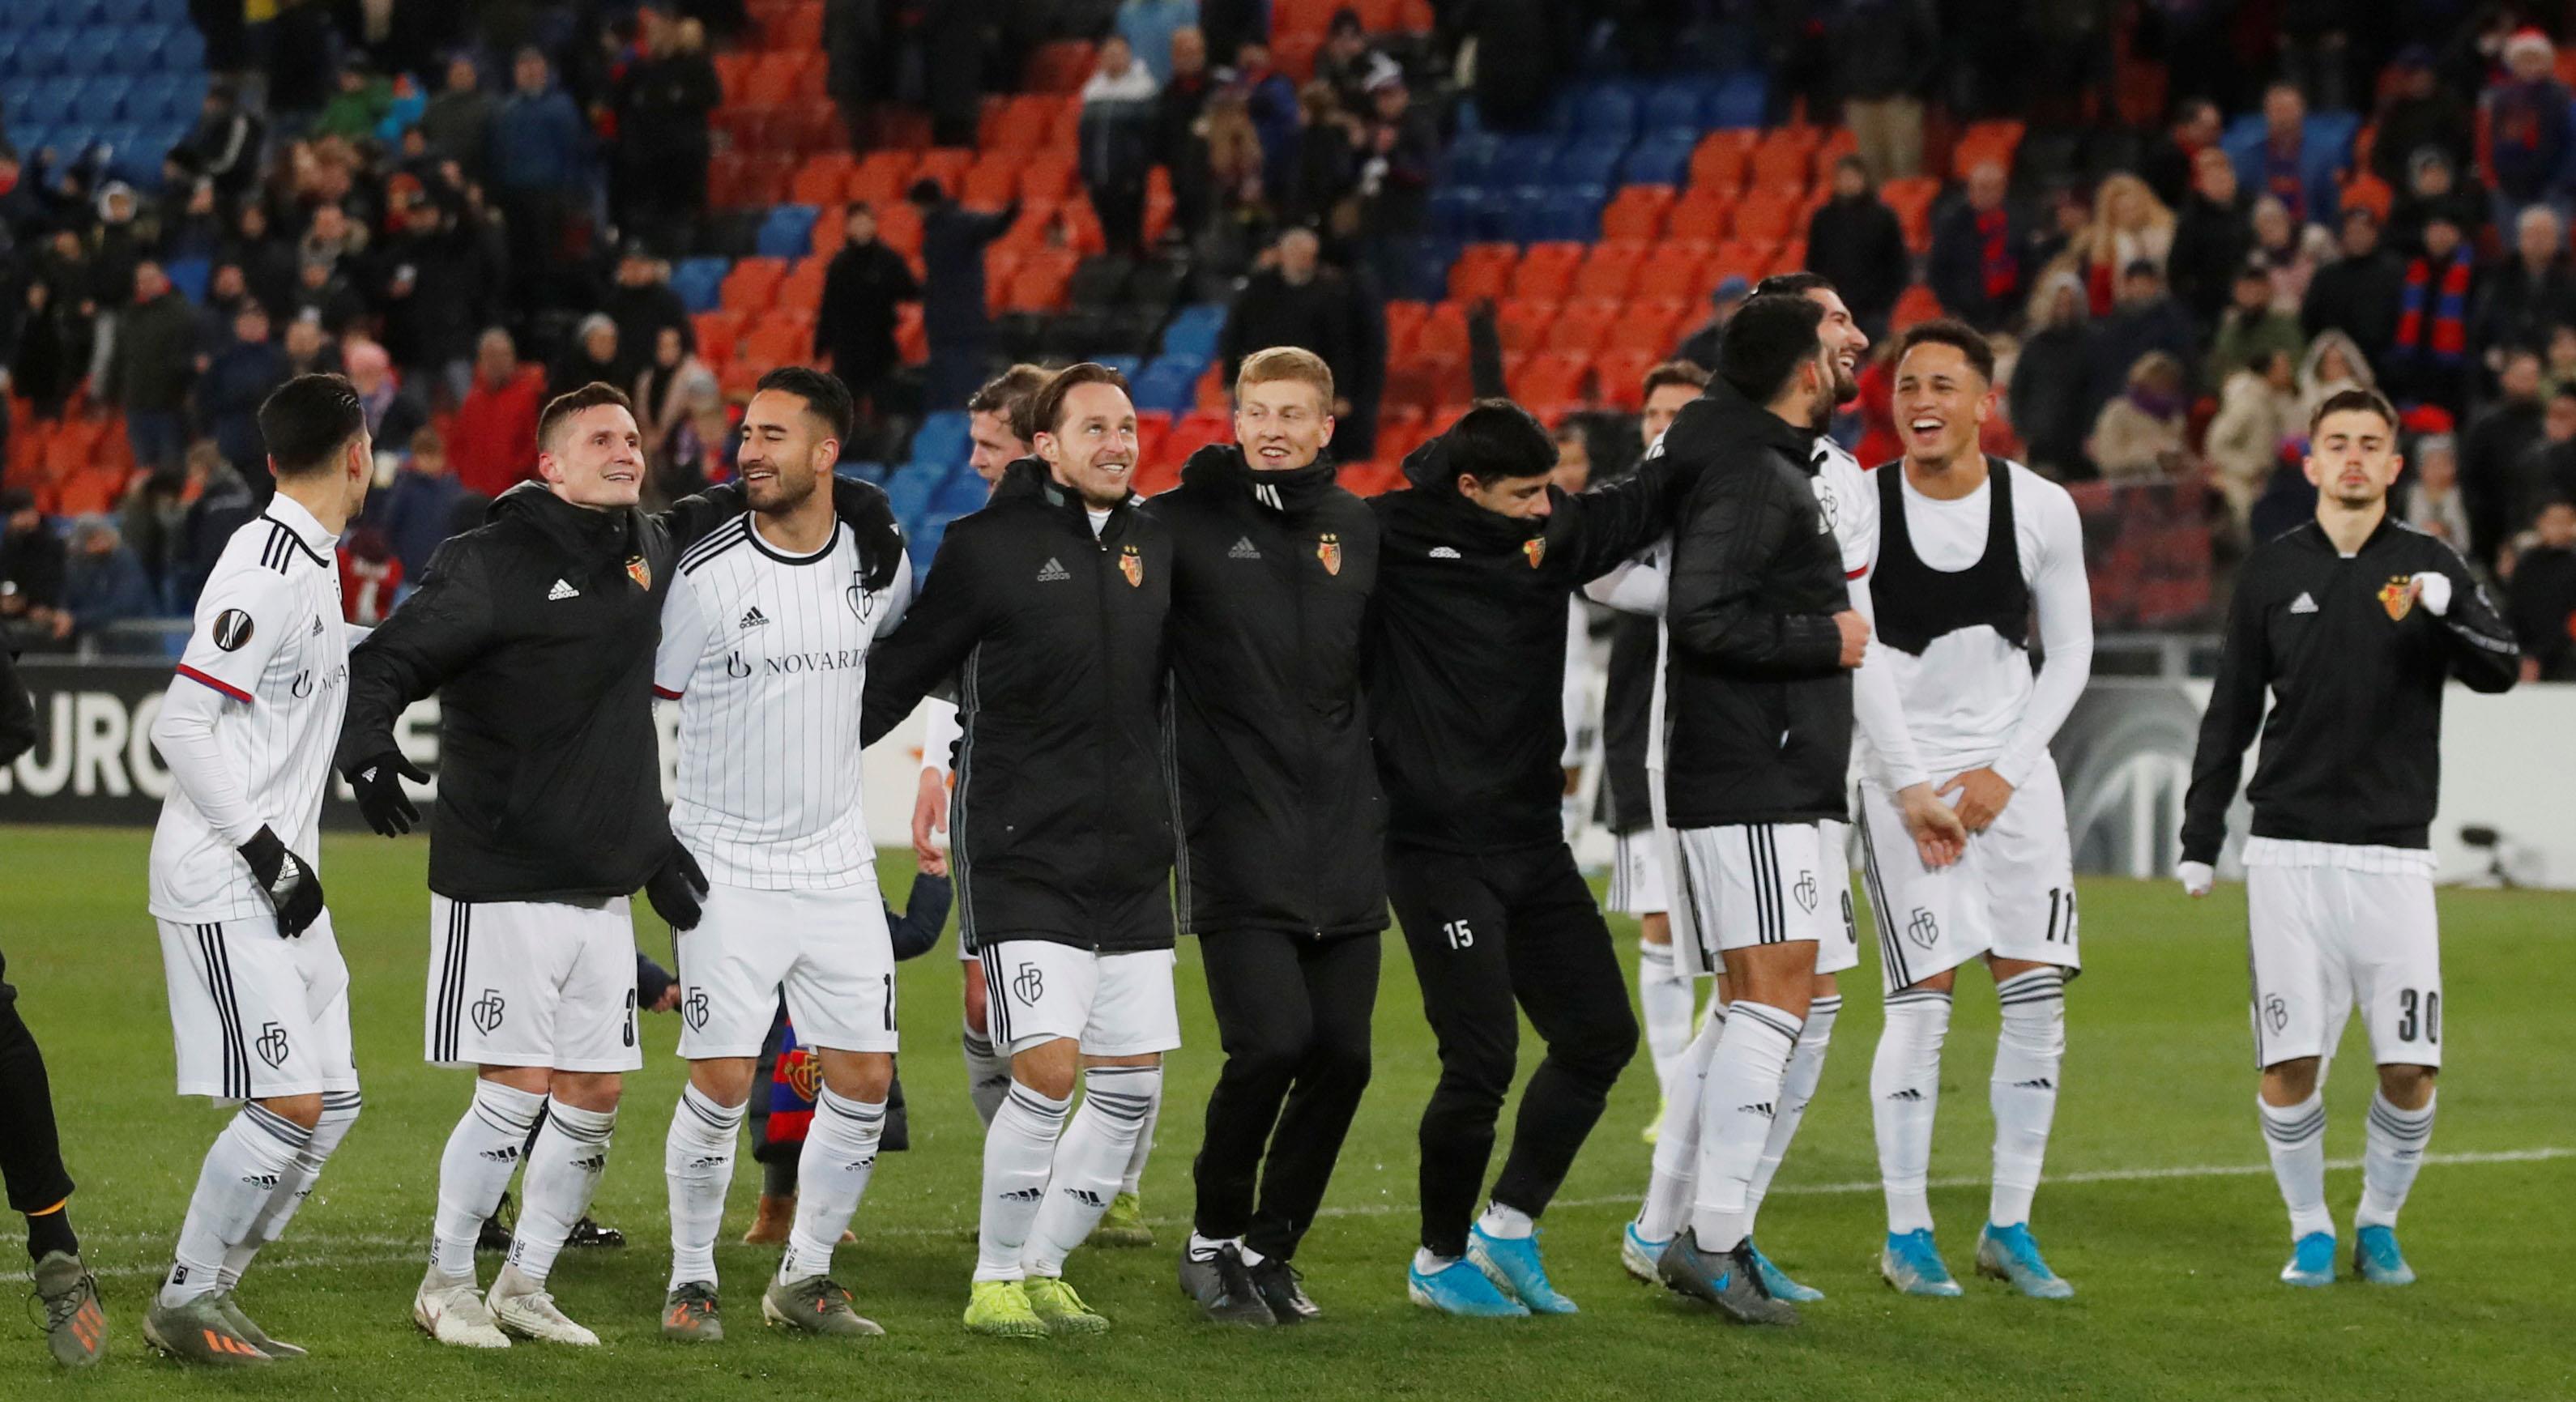 Tidigare akademitränare i AIK gick från division 5 till turkiskt storlag